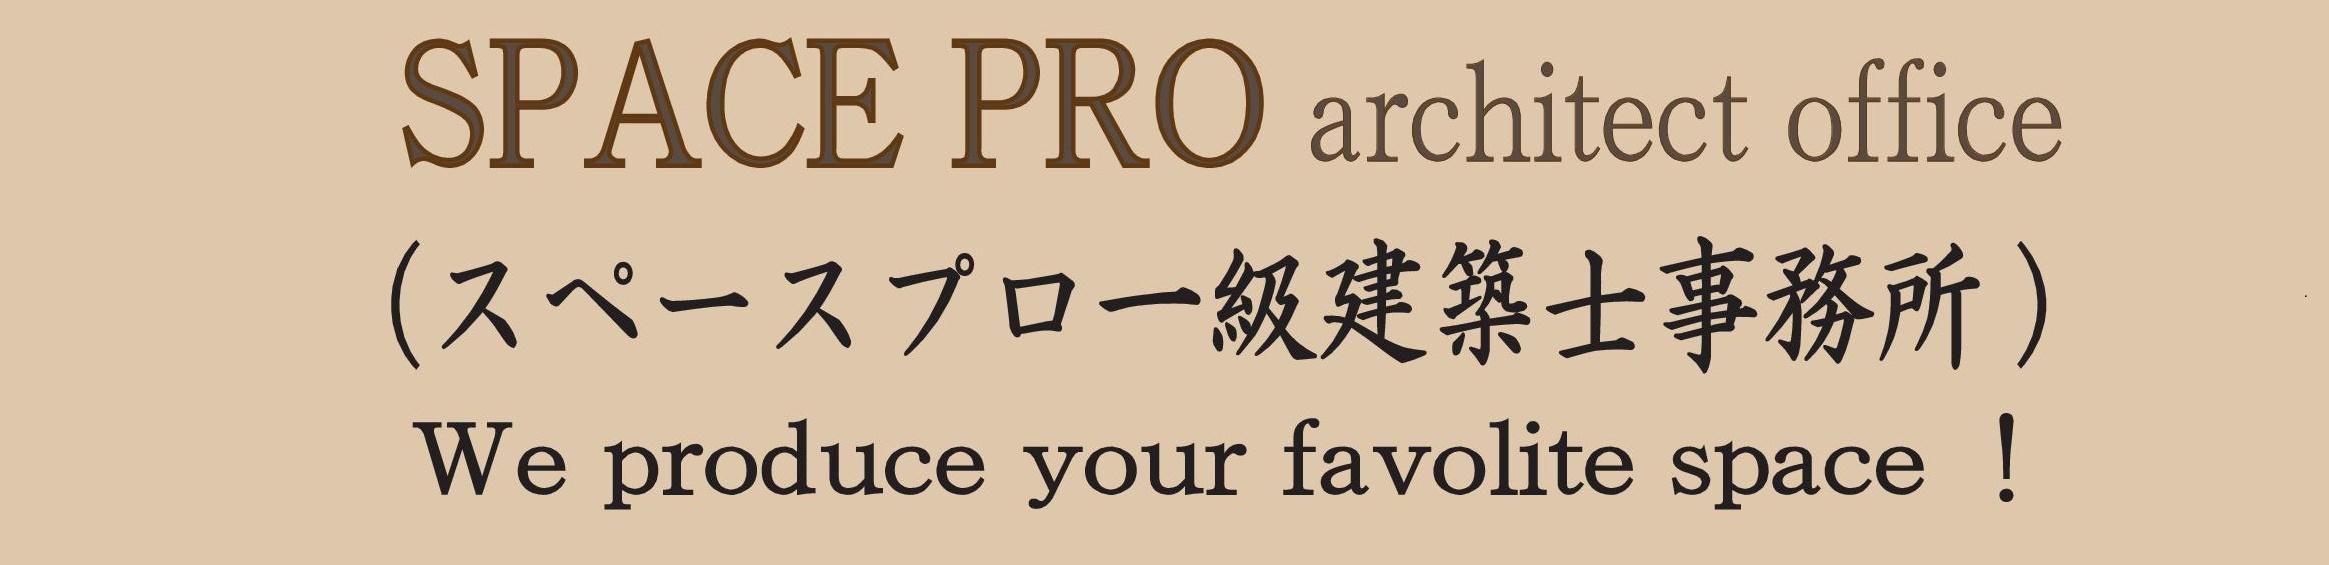 ようこそスペースプロへ-神戸と明石のデザイン設計事務所